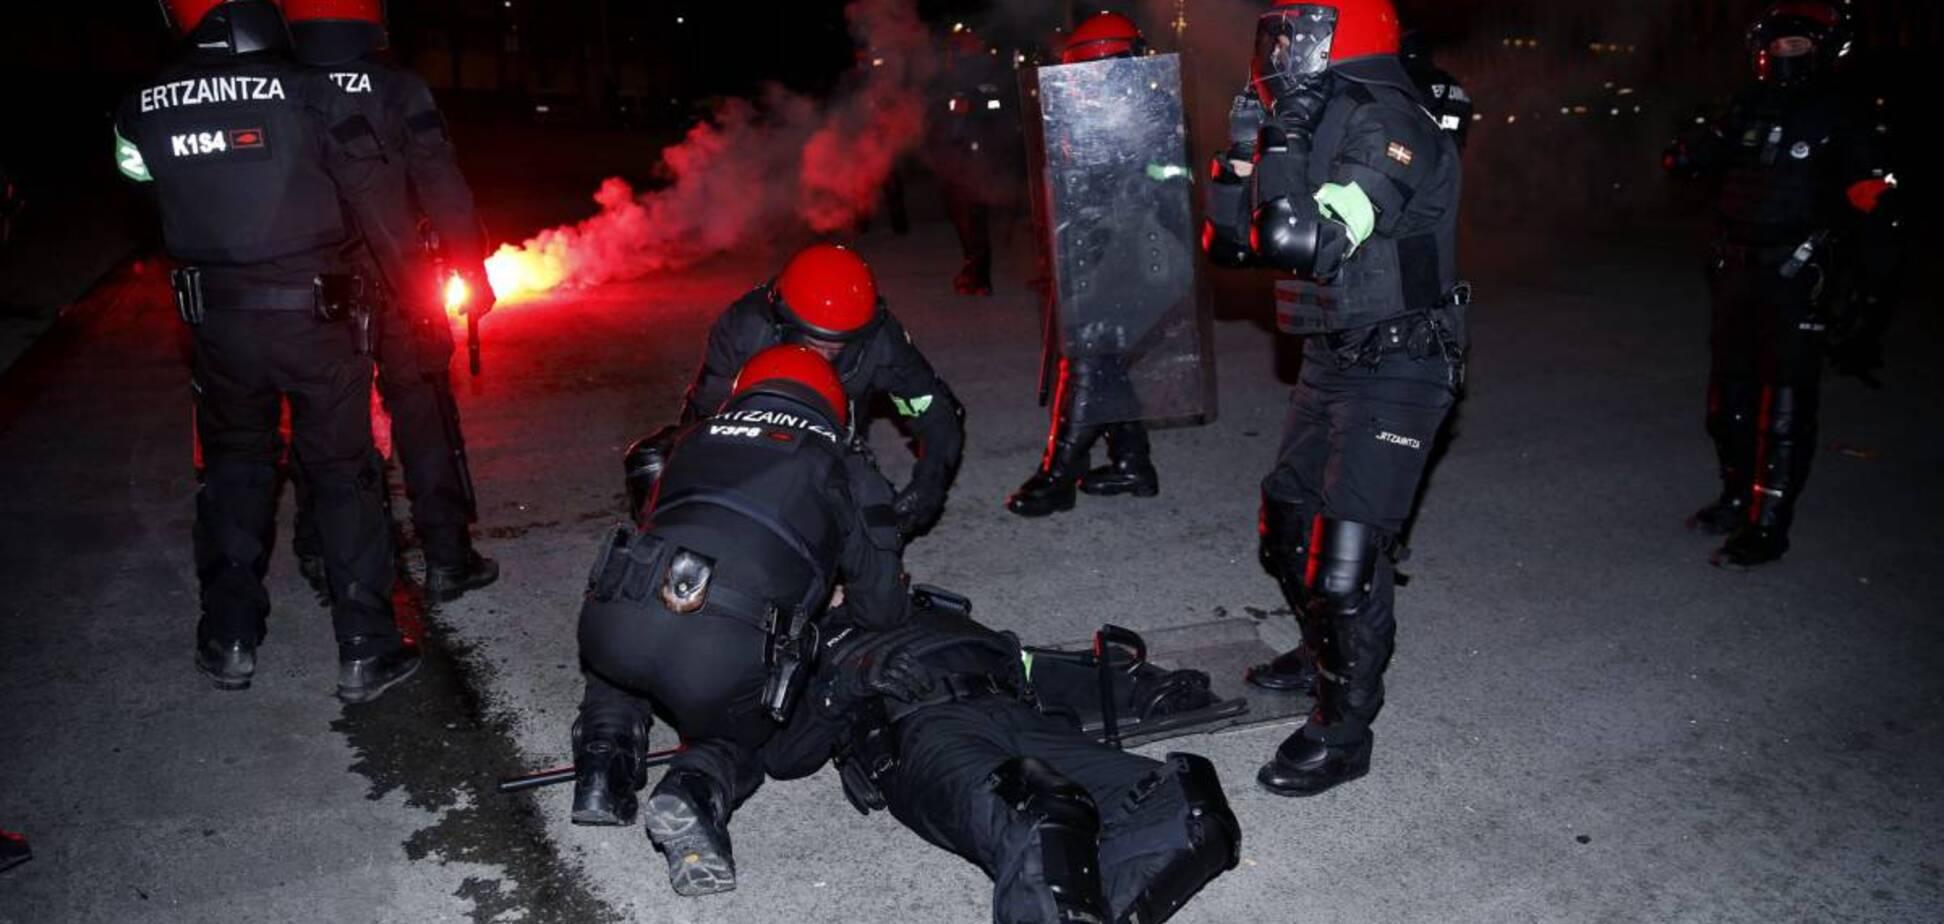 Російські ультрас вбили поліцейського в Іспанії: опубліковано відео